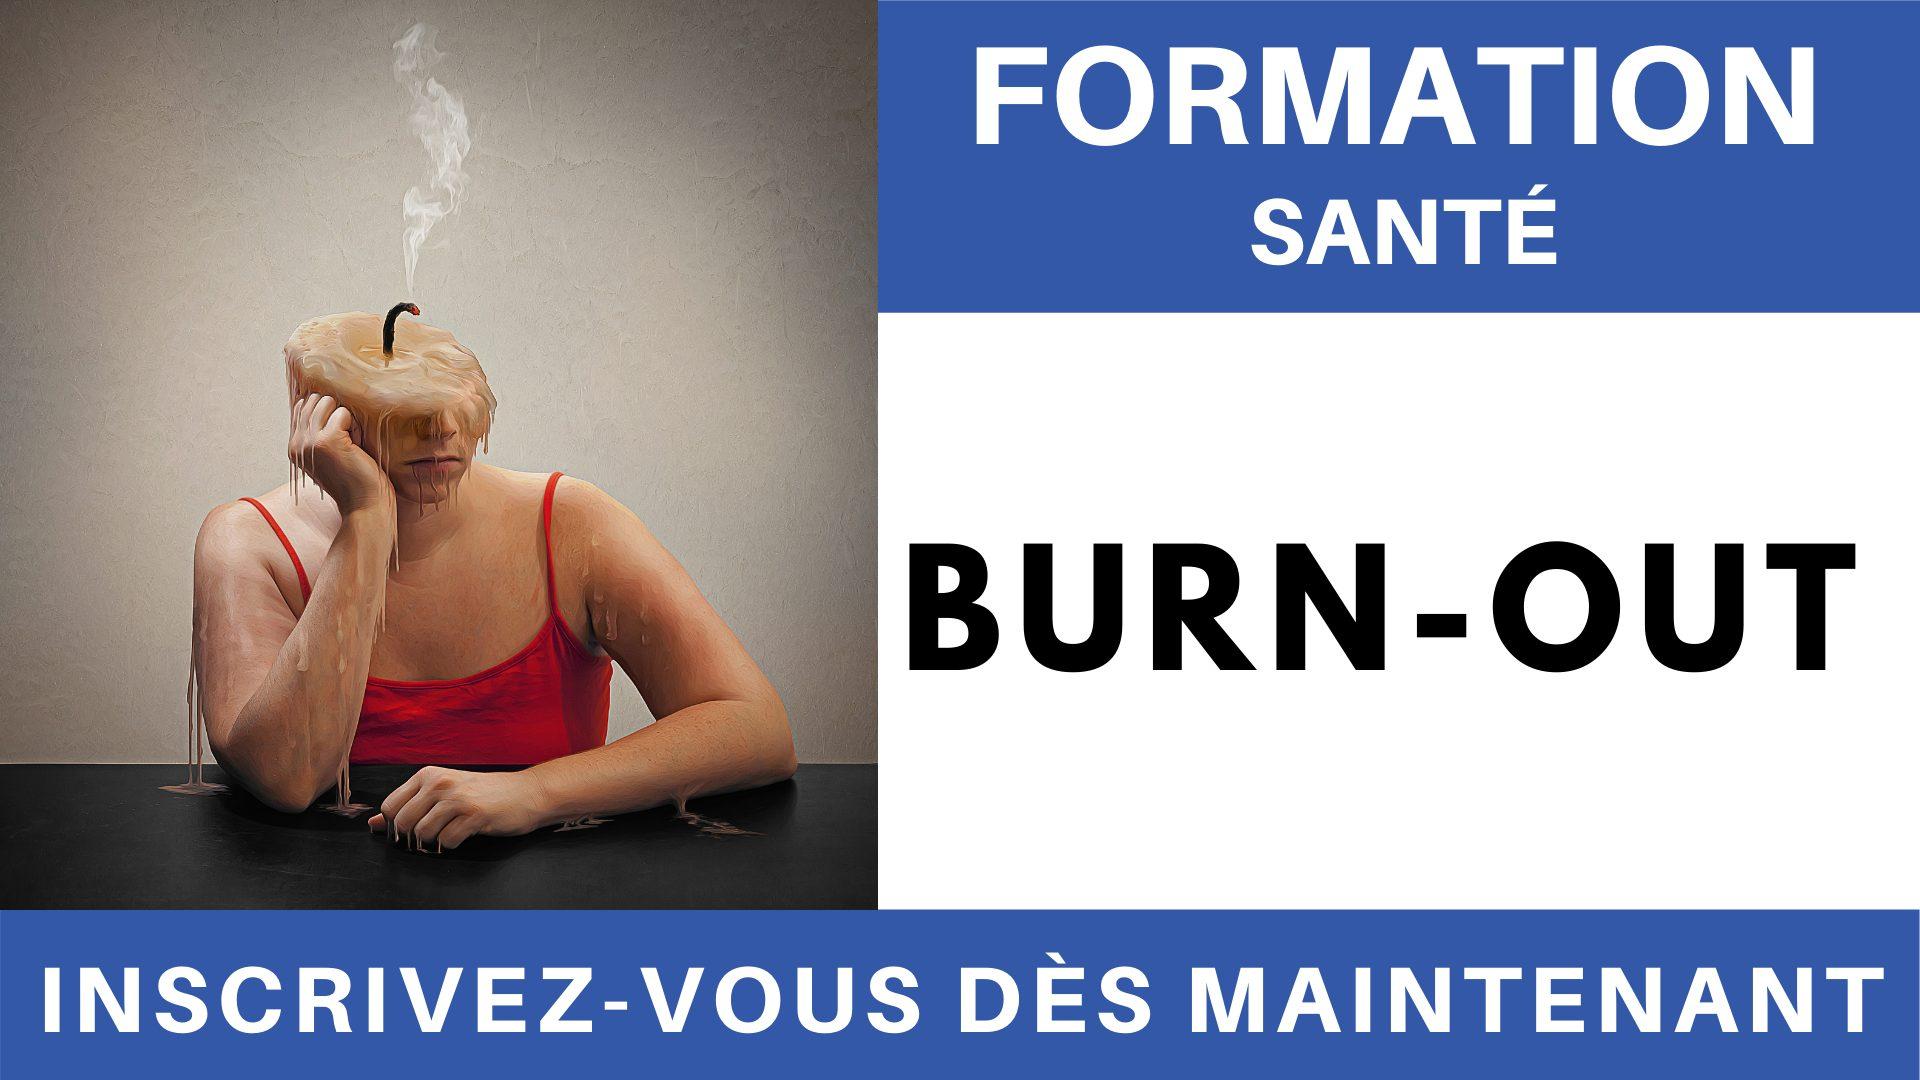 Formation Santé - Burn-out